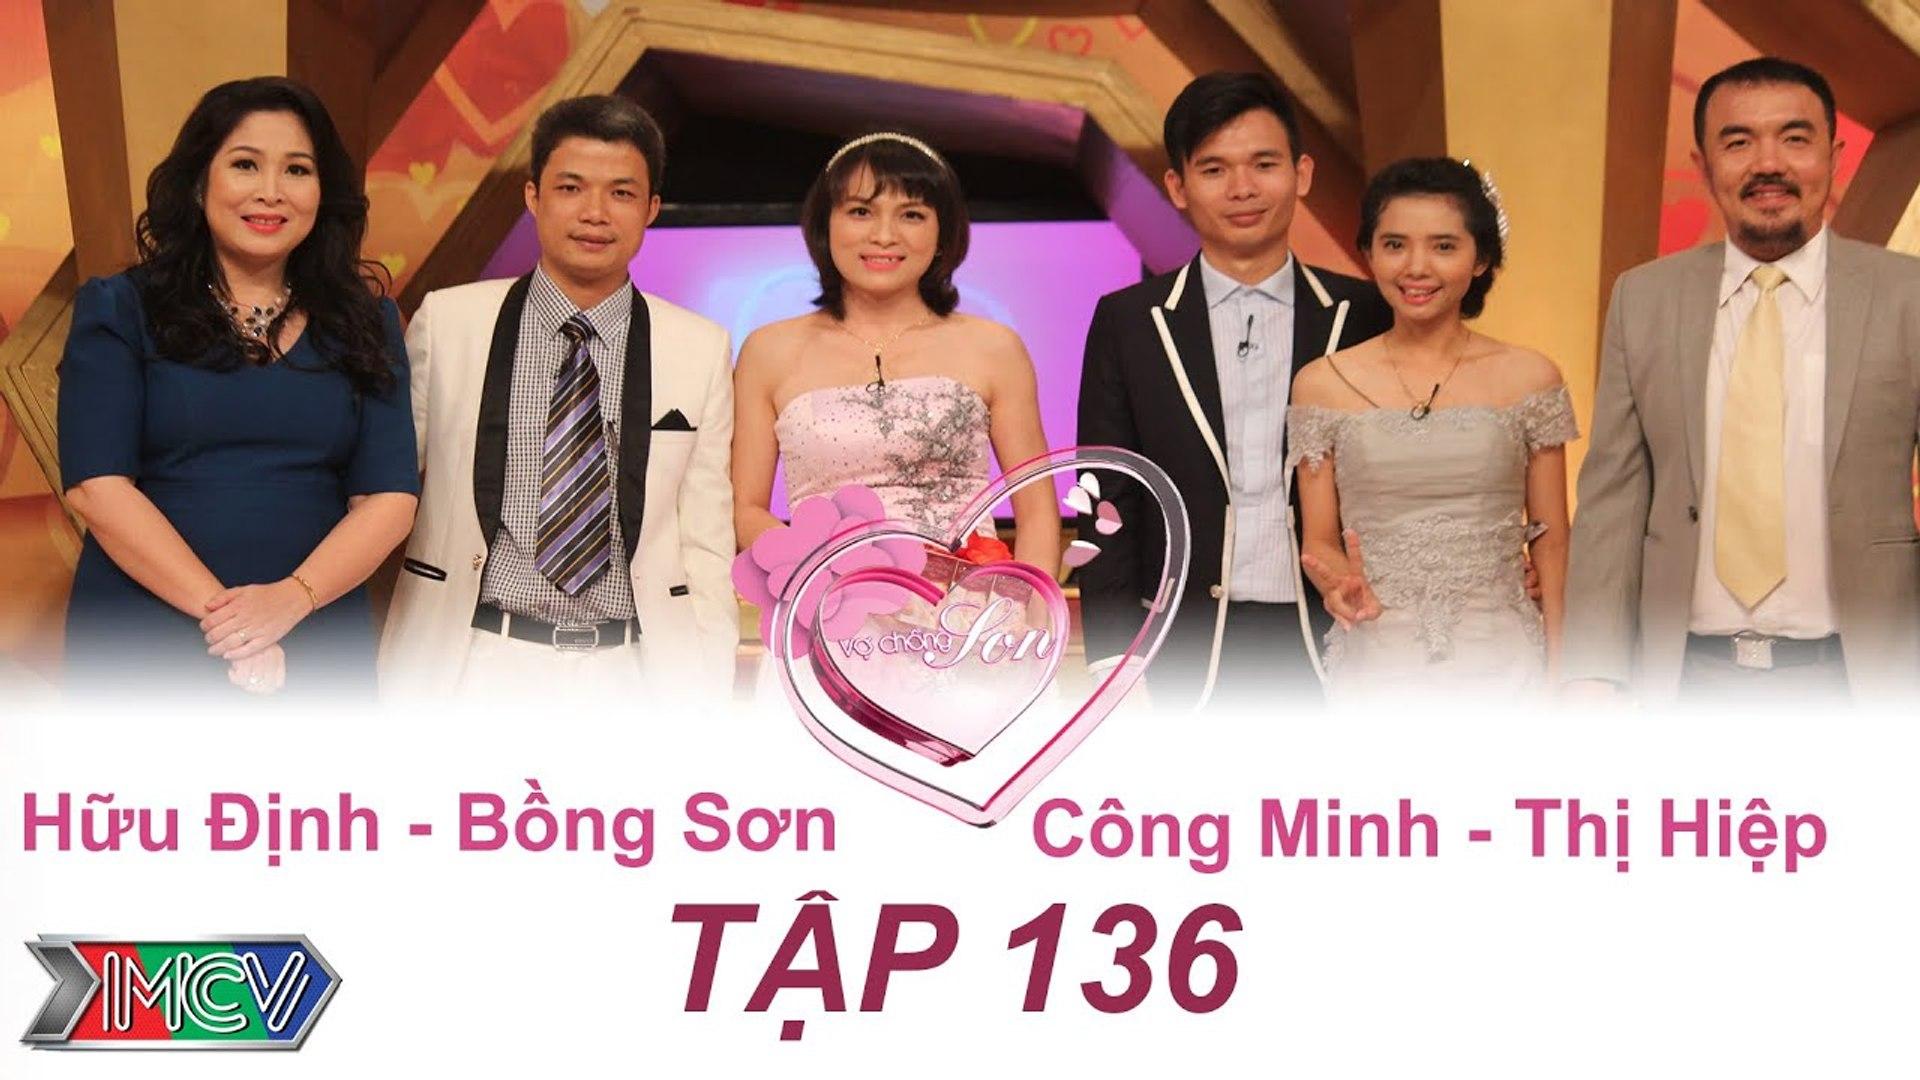 VỢ CHỒNG SON - Tập 136 _ Hữu Định - Bồng Sơn _ Công Minh - Thị Hiệp